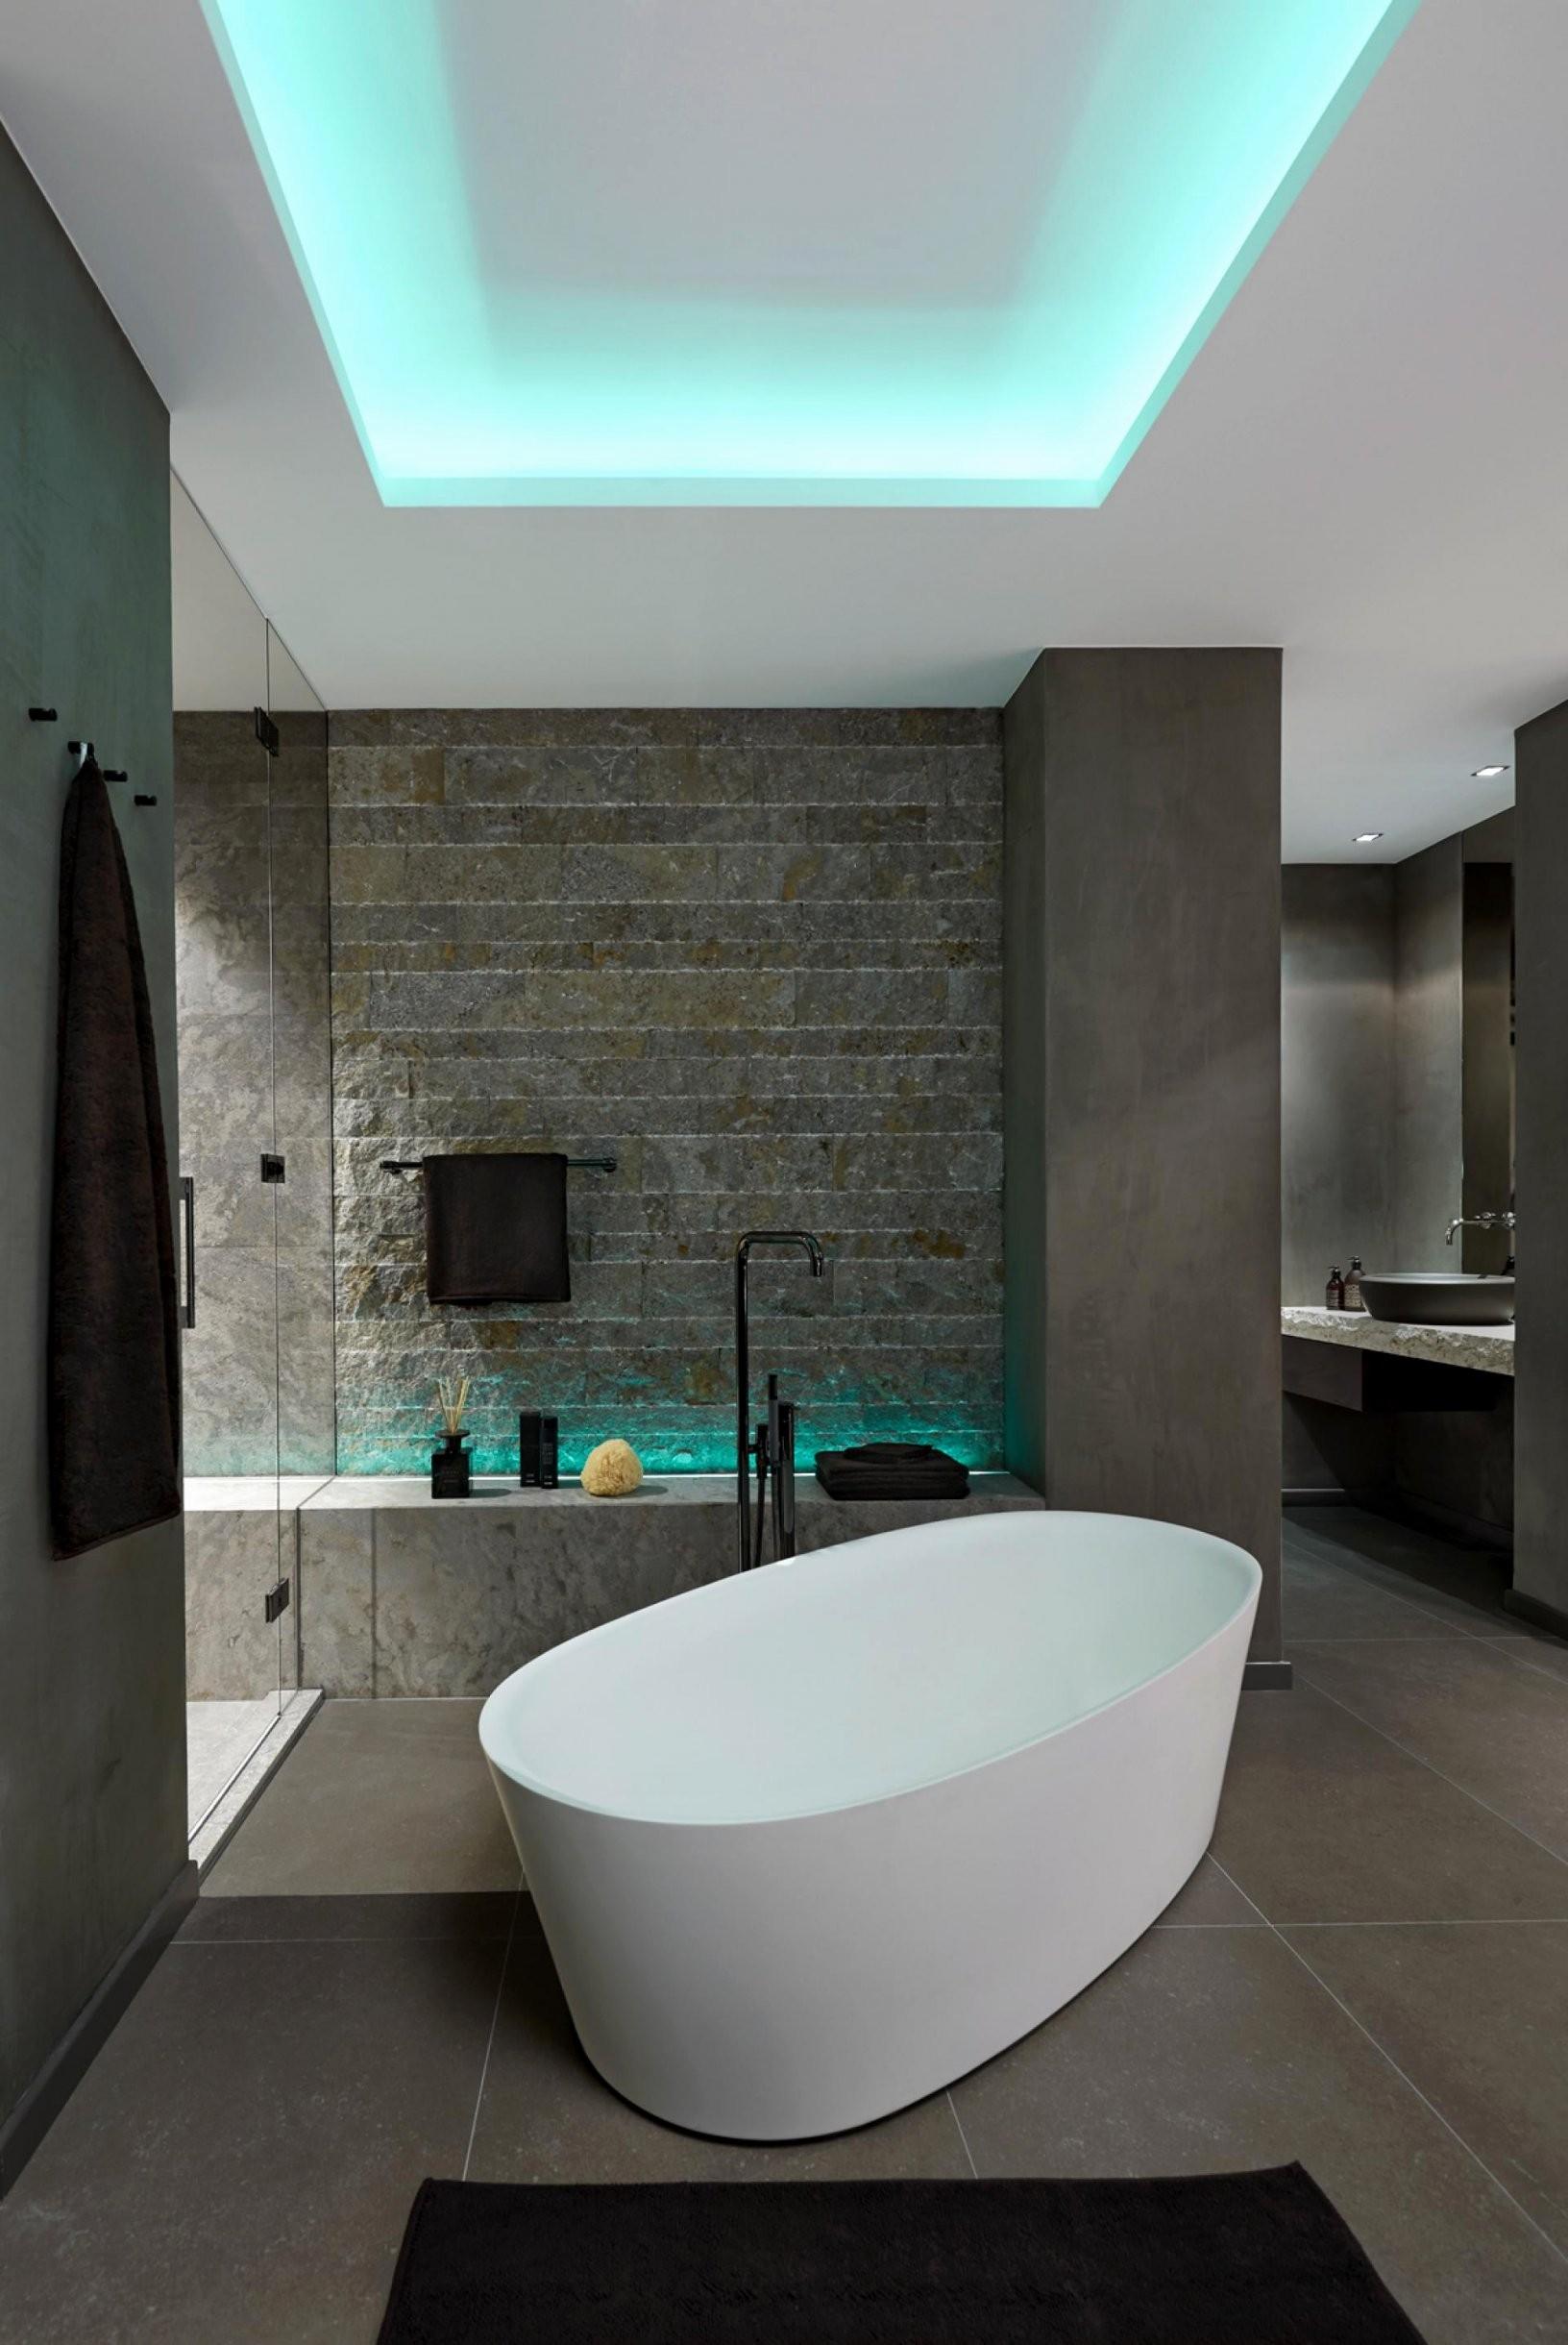 Moderne Bader Mit Freistehender Wanne Genial Luxus Badewanne von Moderne Freistehende Badewannen Bild